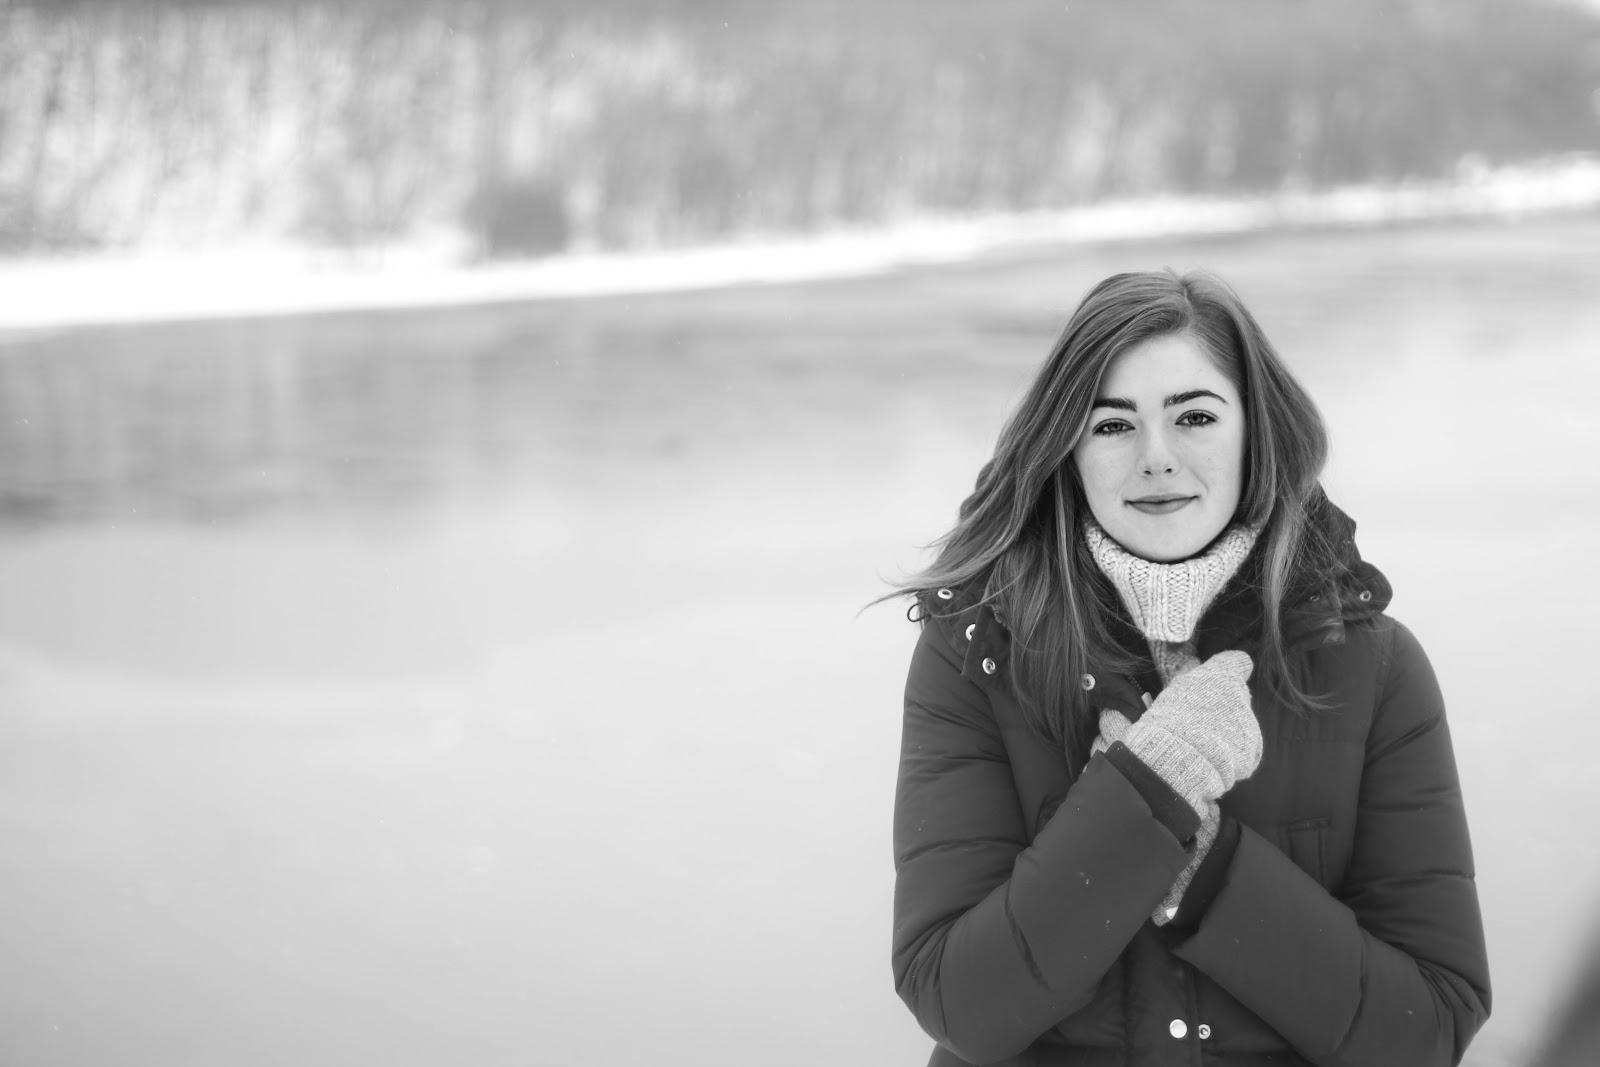 冬の川辺で両手を胸の前に交差させながら佇む女性